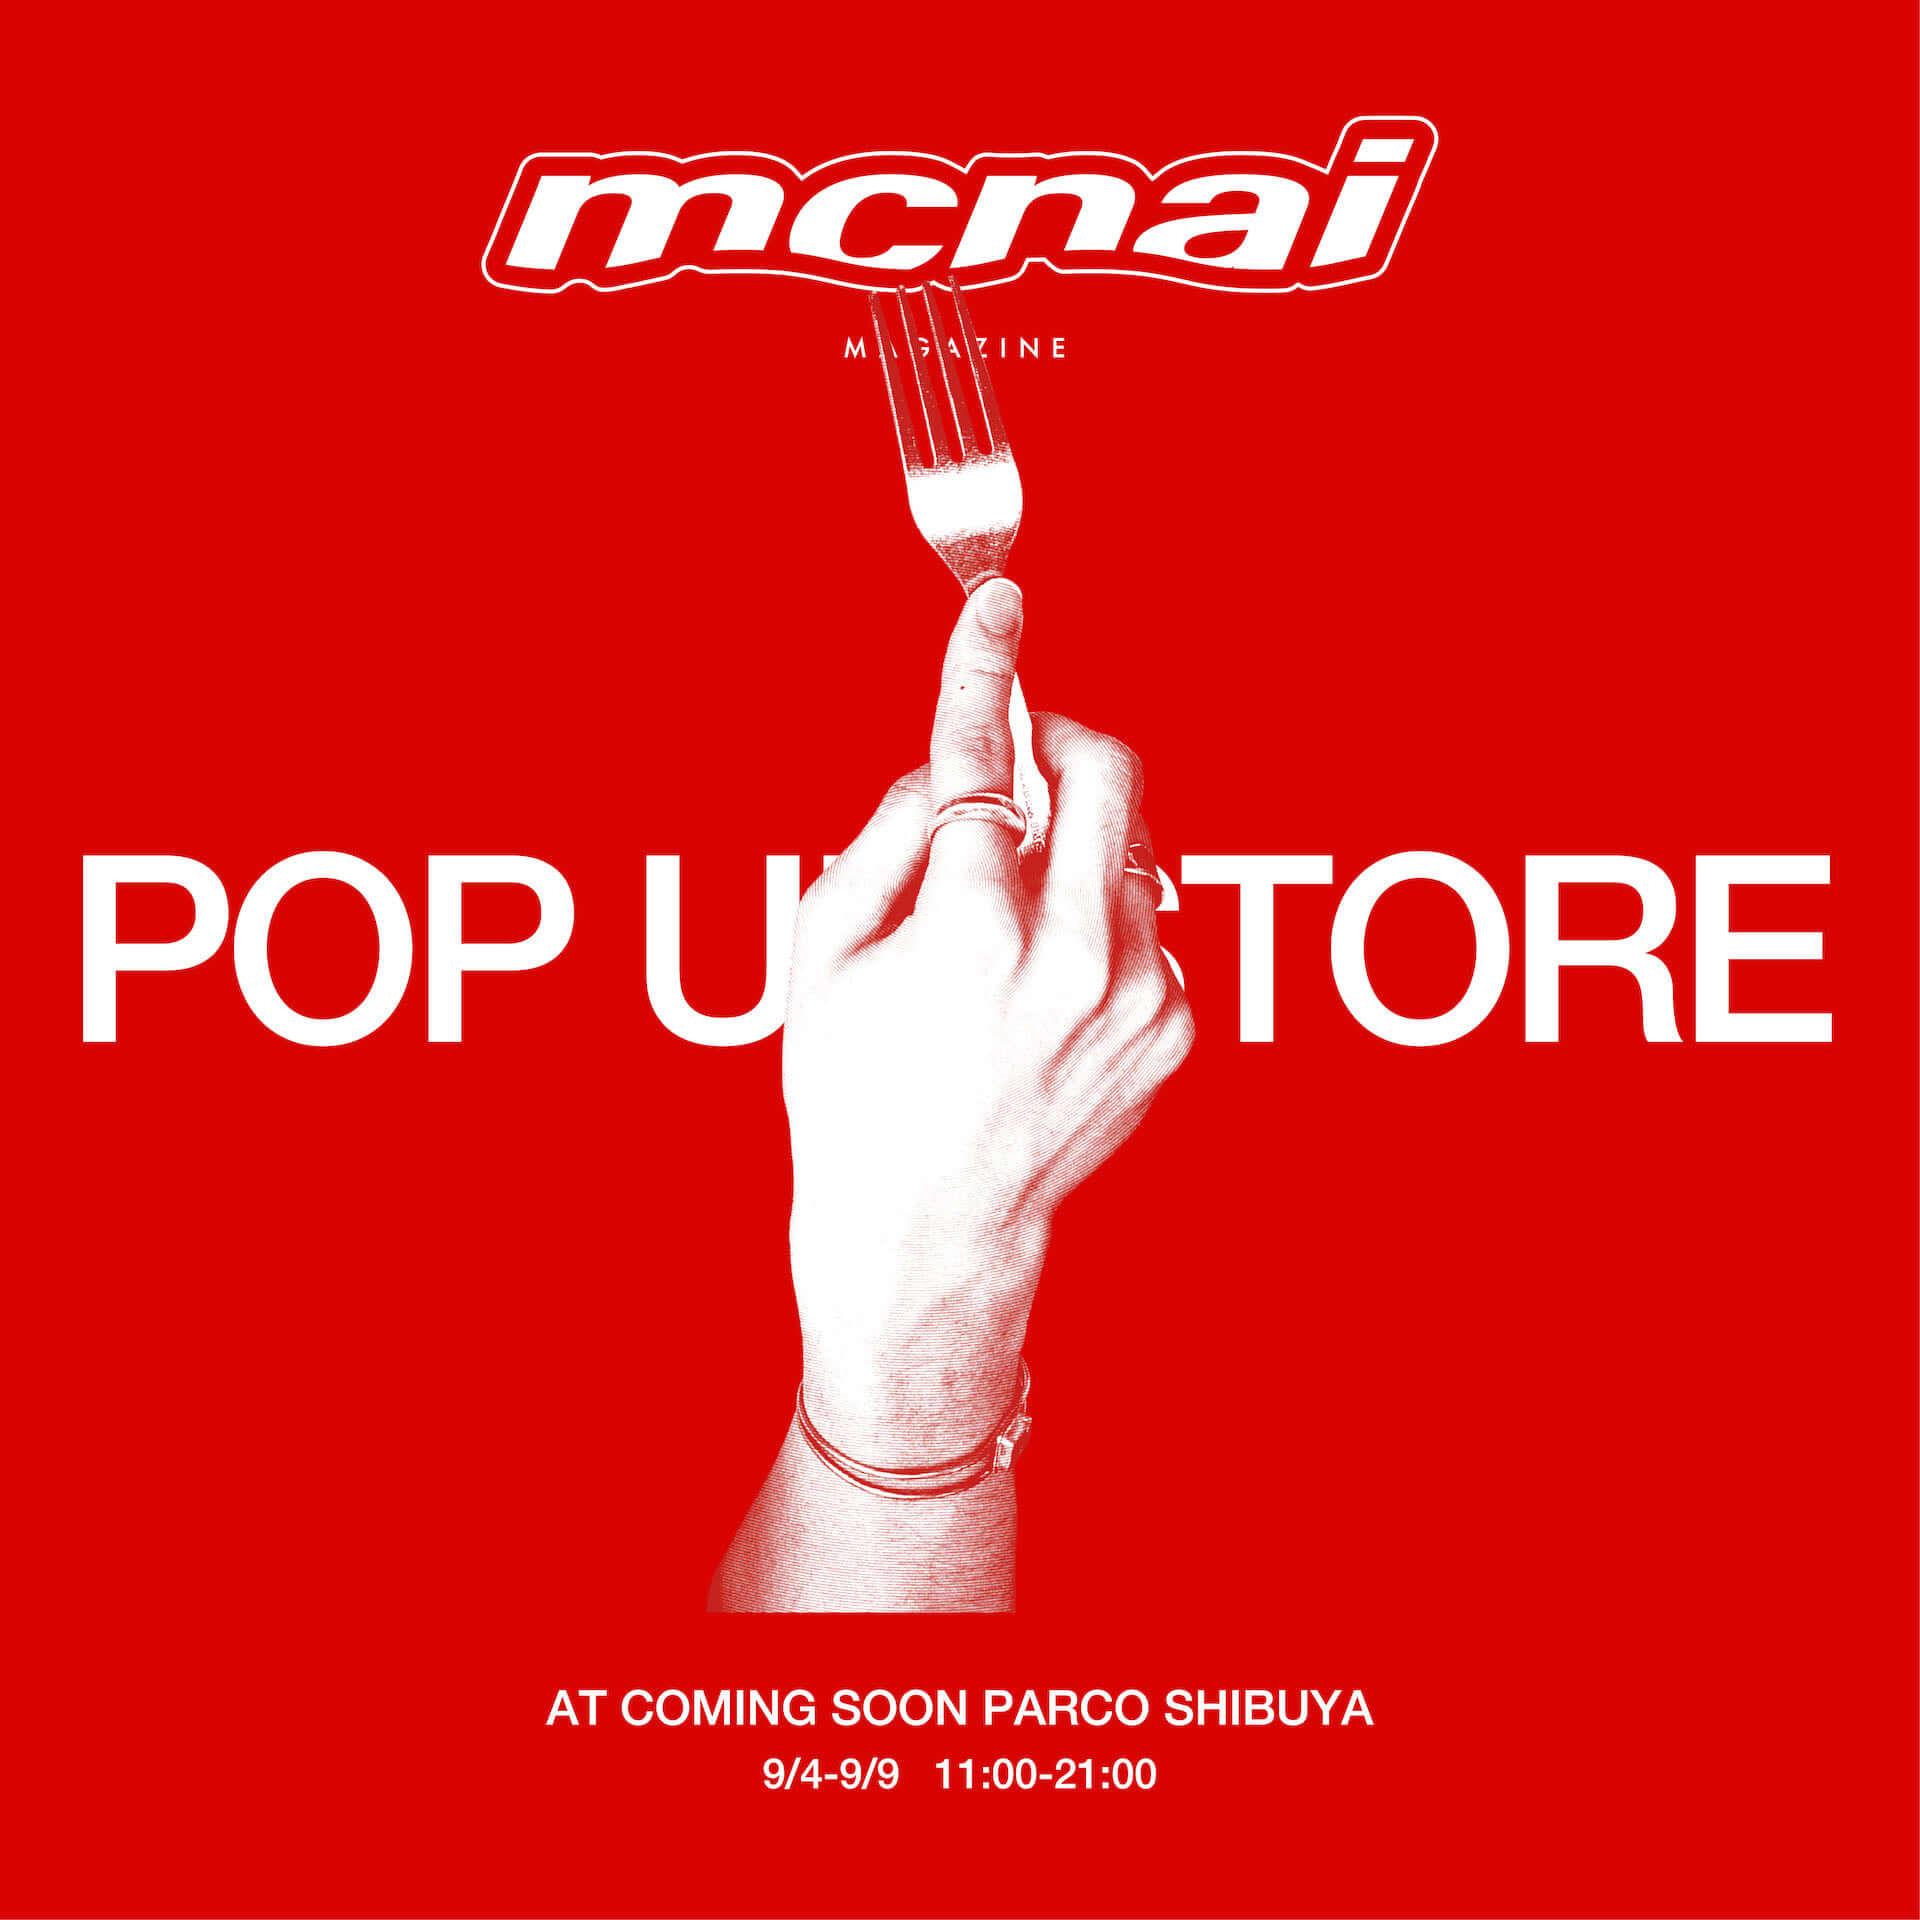 """""""食クリエイター集団""""による『mcnai magazine』最新号発売記念!渋谷PARCO・COMINGSOONでポップアップイベントが開催決定 art200831_mcnaimagazine-popup_4-1920x1920"""